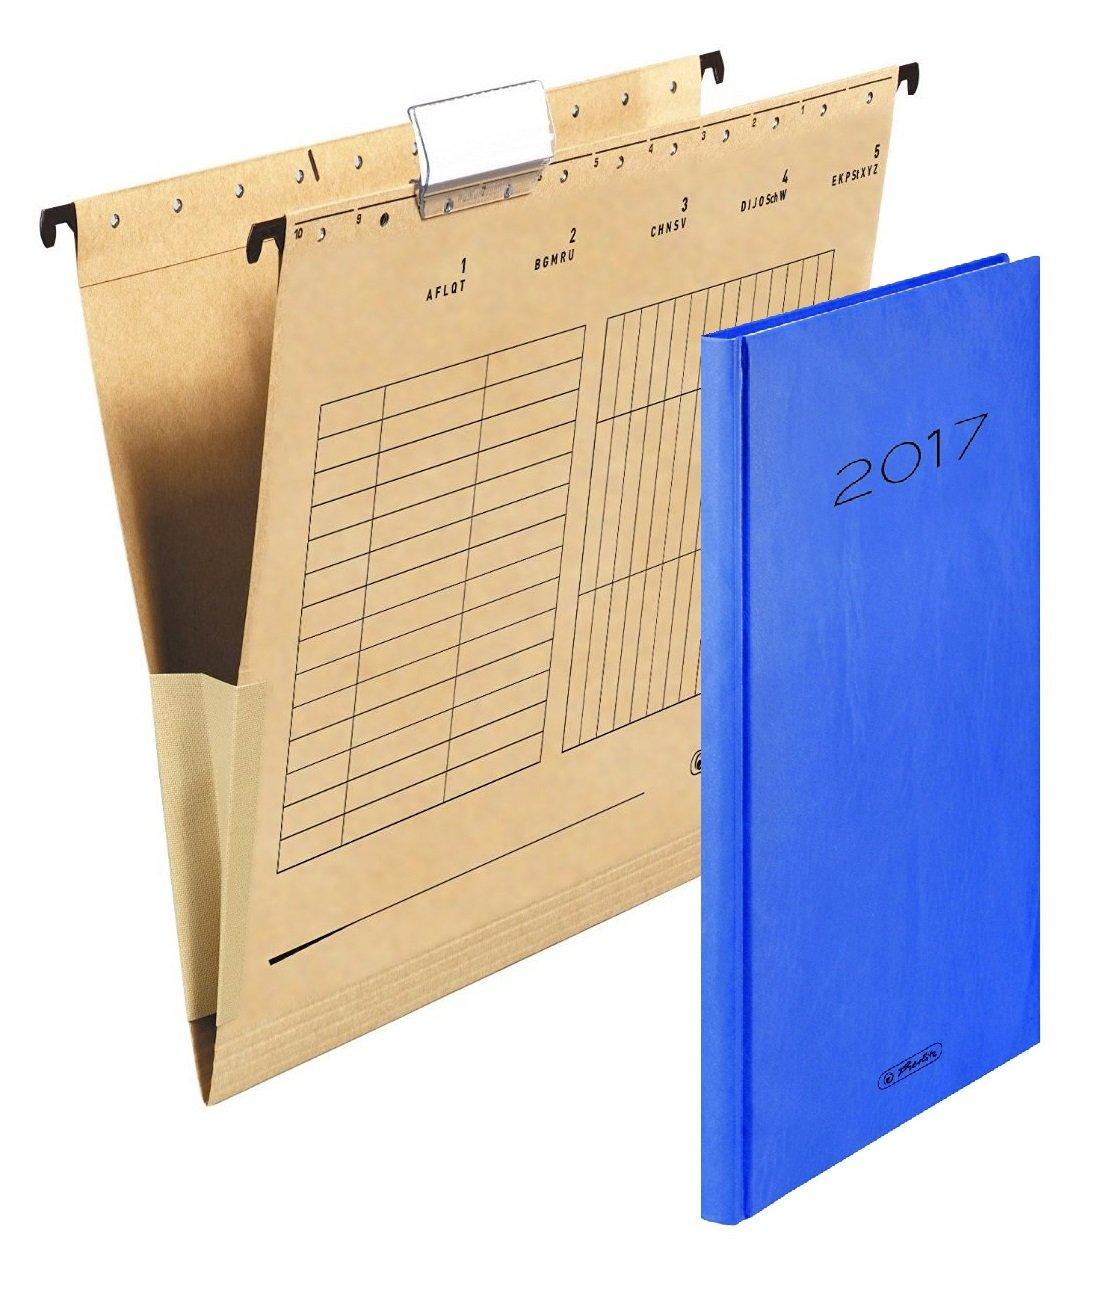 Herlitz 10843373 Hängetasche mit Leinenfröschen, A4, braun (4 Kartons = 100 Stück) B06XHQH9JM   Schnelle Lieferung